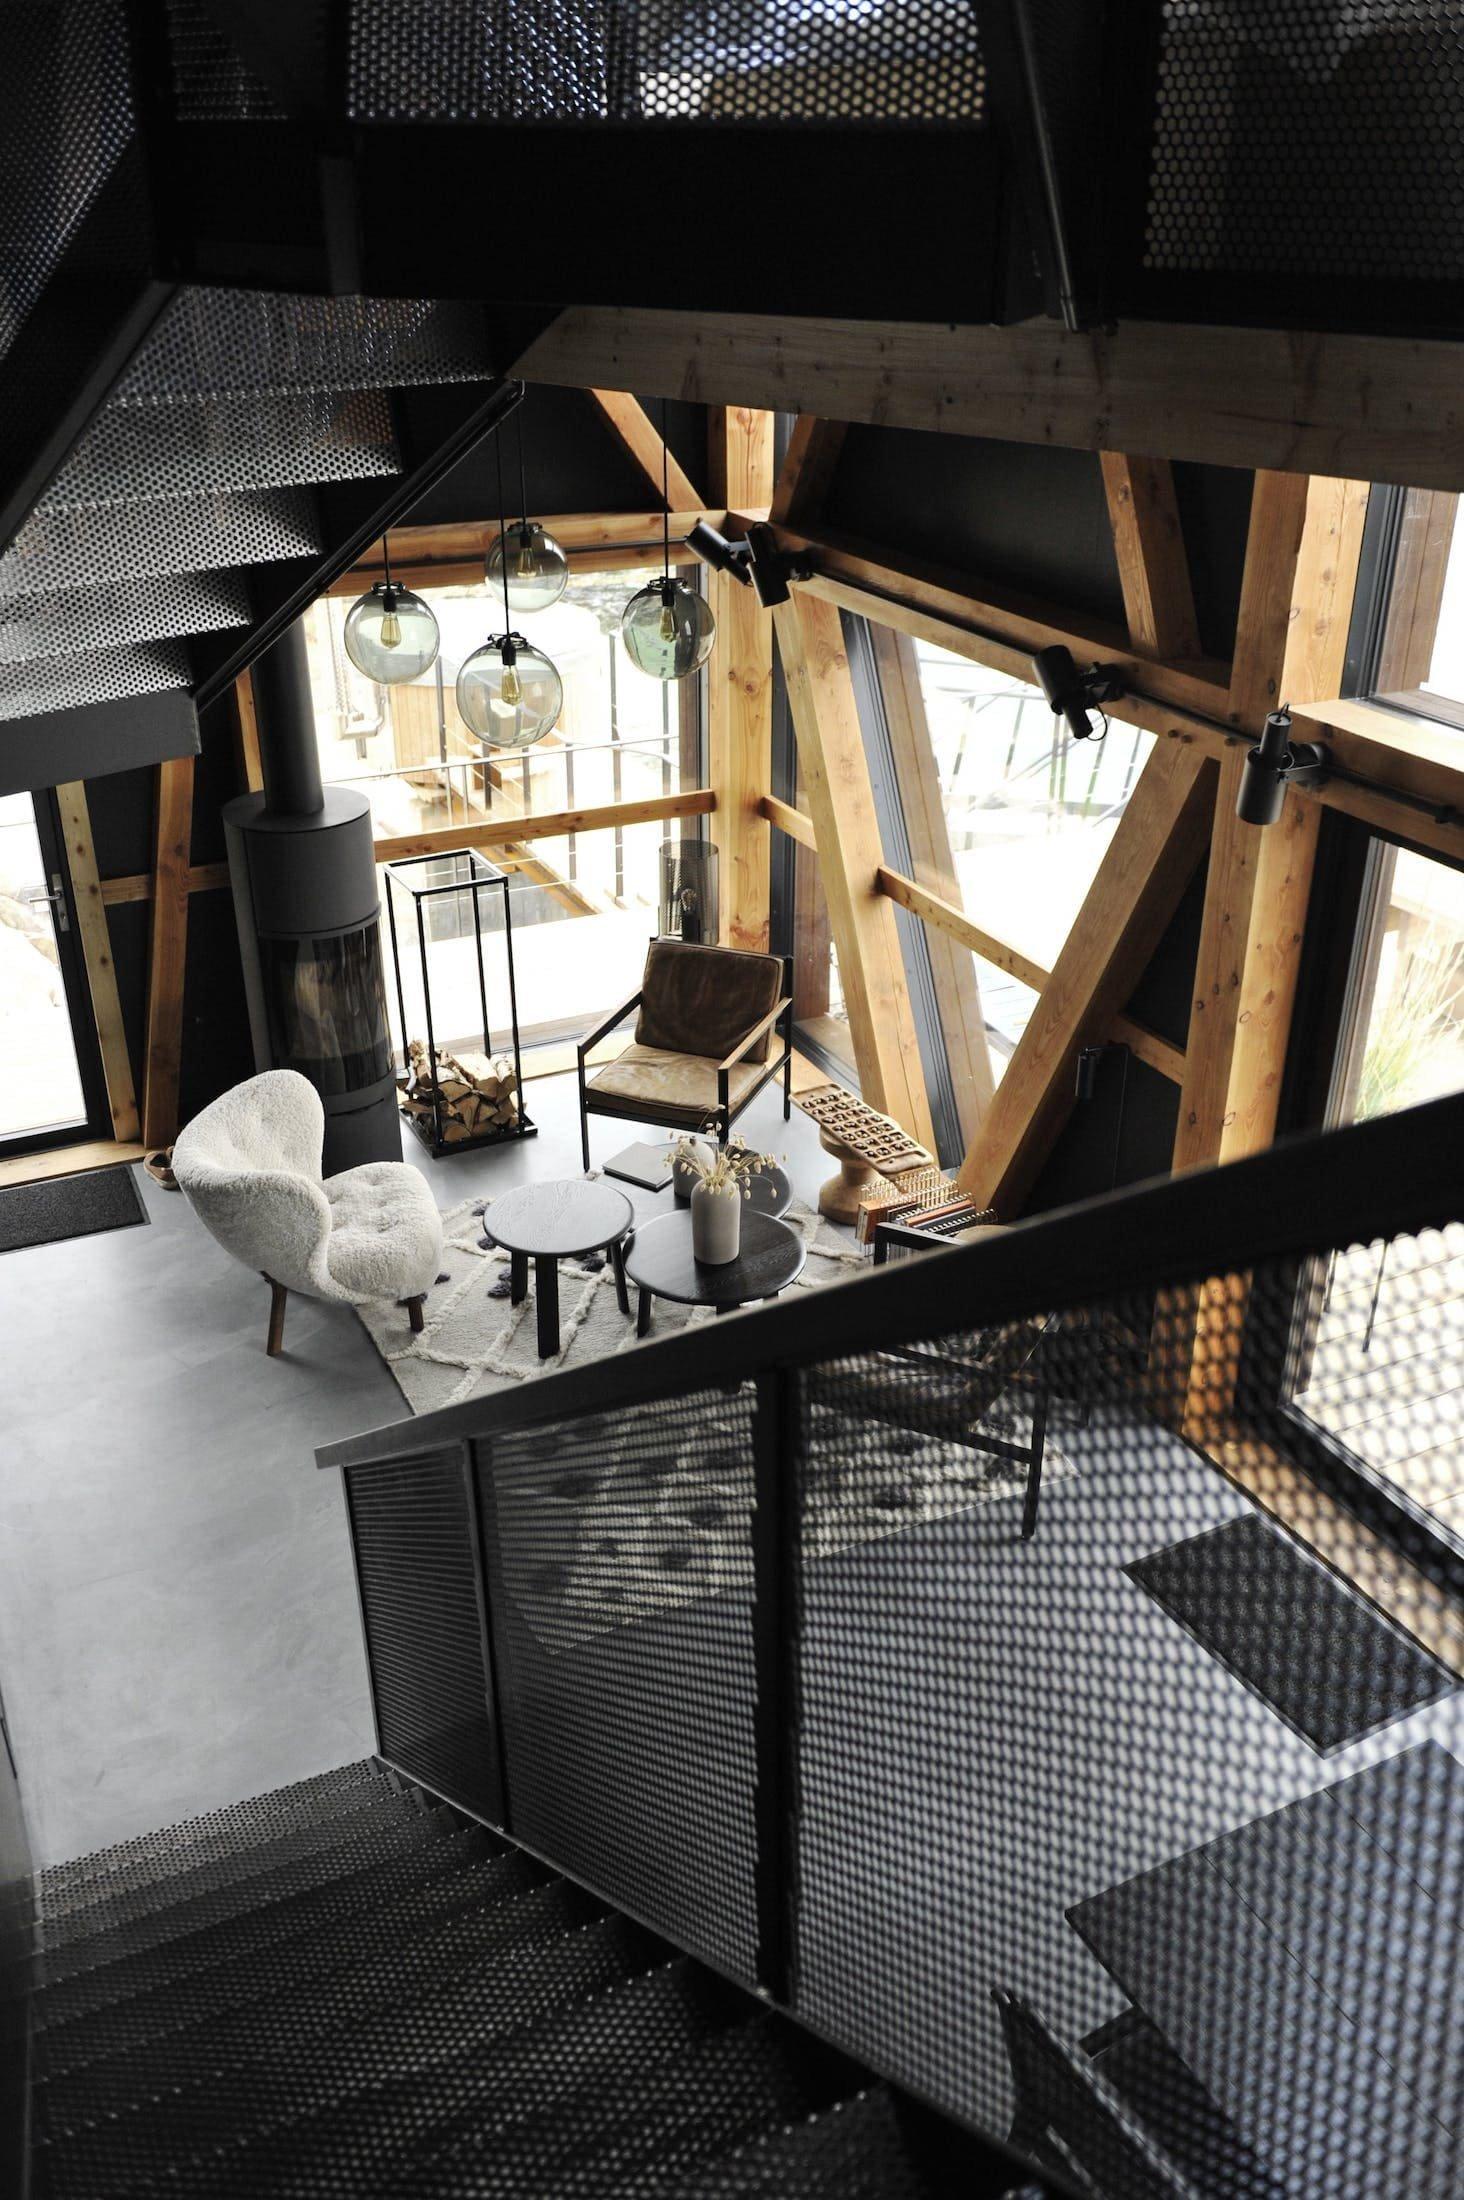 Zajímavý černý dům jednoduchého tvaru se nachází na pobřeží Norského moře. Majitelé zbožňují přírodu a dlouho snili o tom, že budou jednou žít u moře. Jejich sen se splnil a stali se hrdými majiteli loděnice, kterou rádi pronajímají.